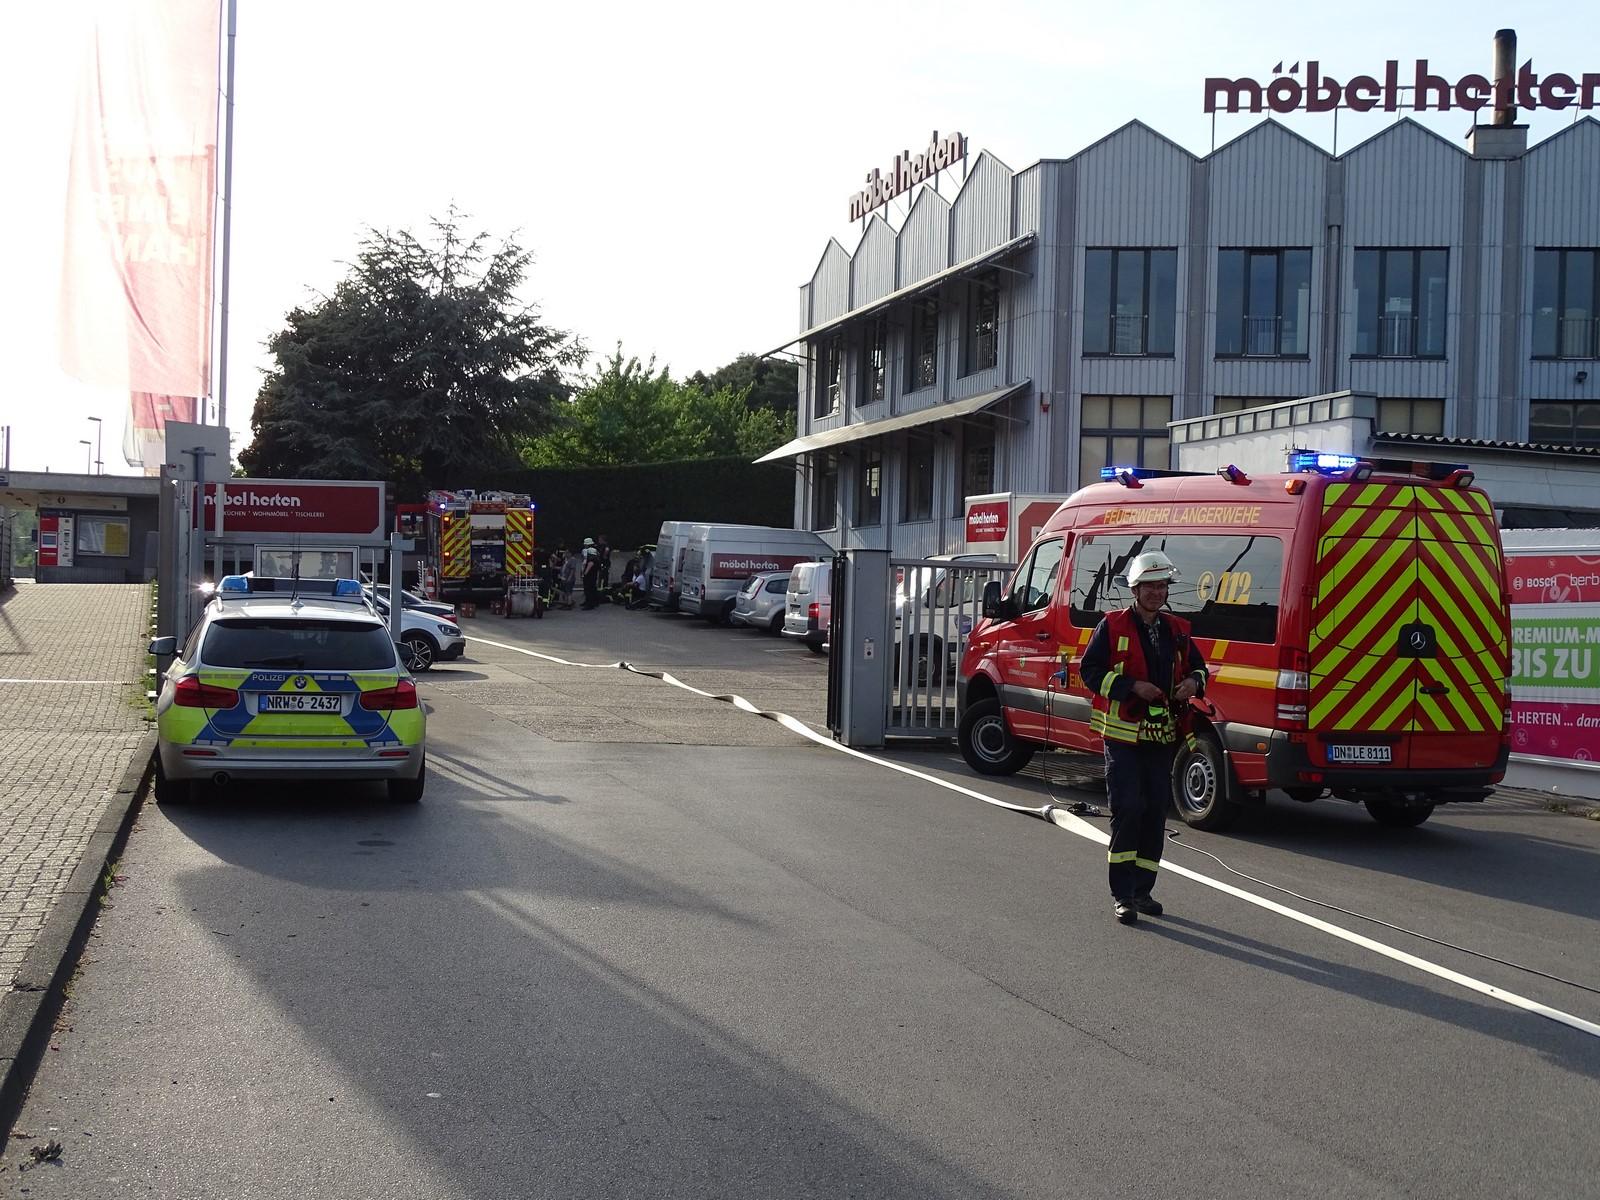 Motorbrand In Schreinerei